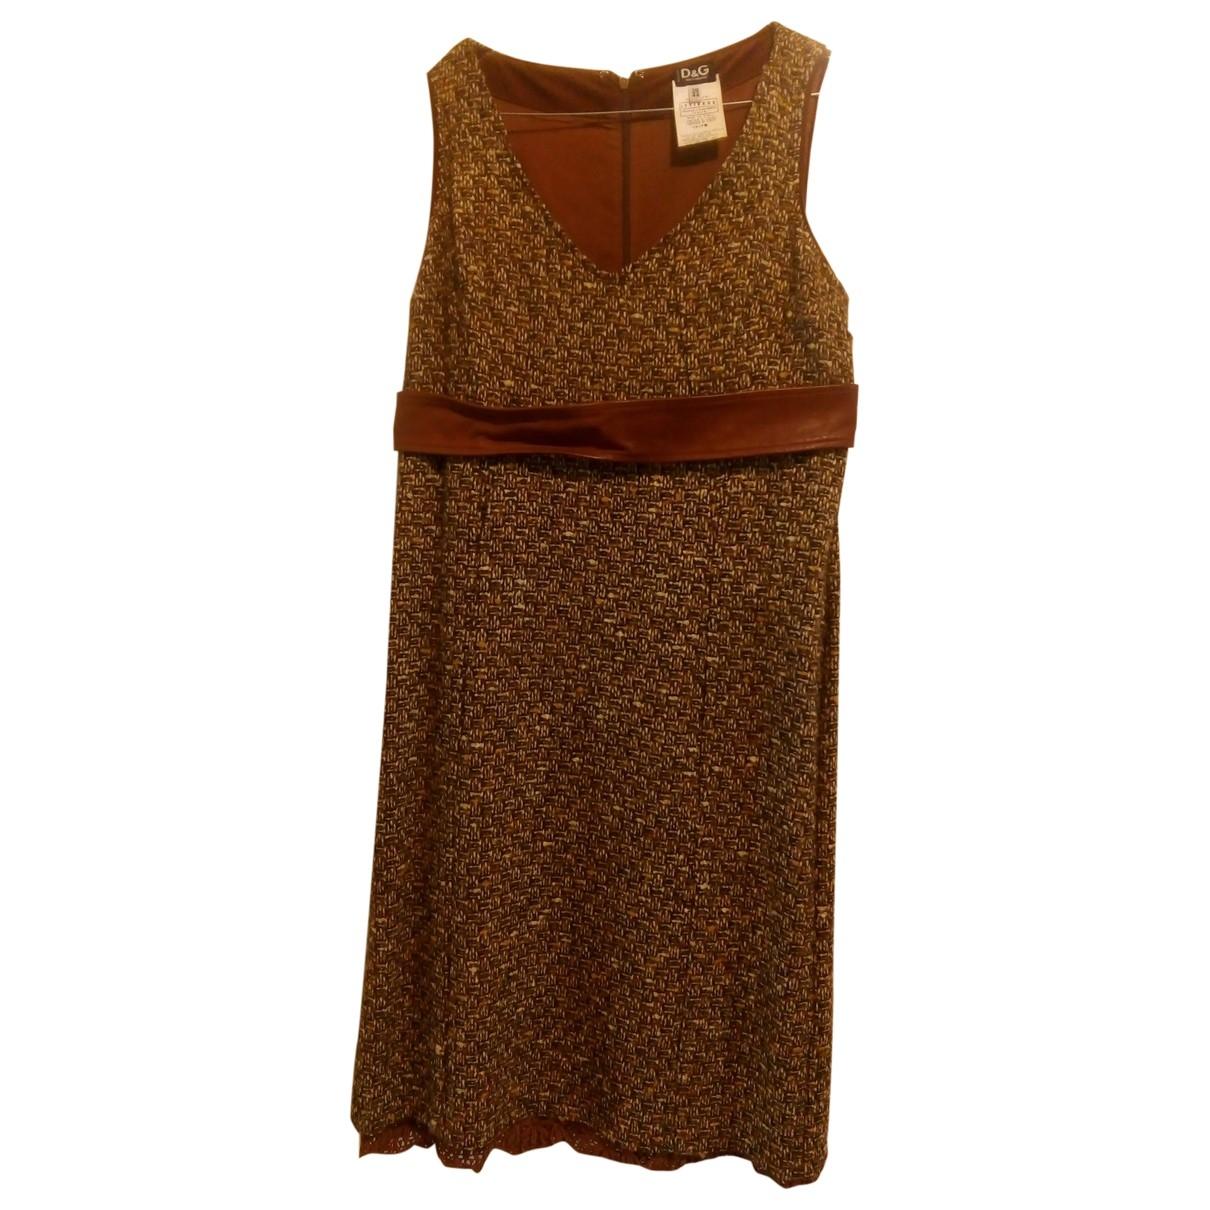 D&g \N Kleid in  Kamel Tweed